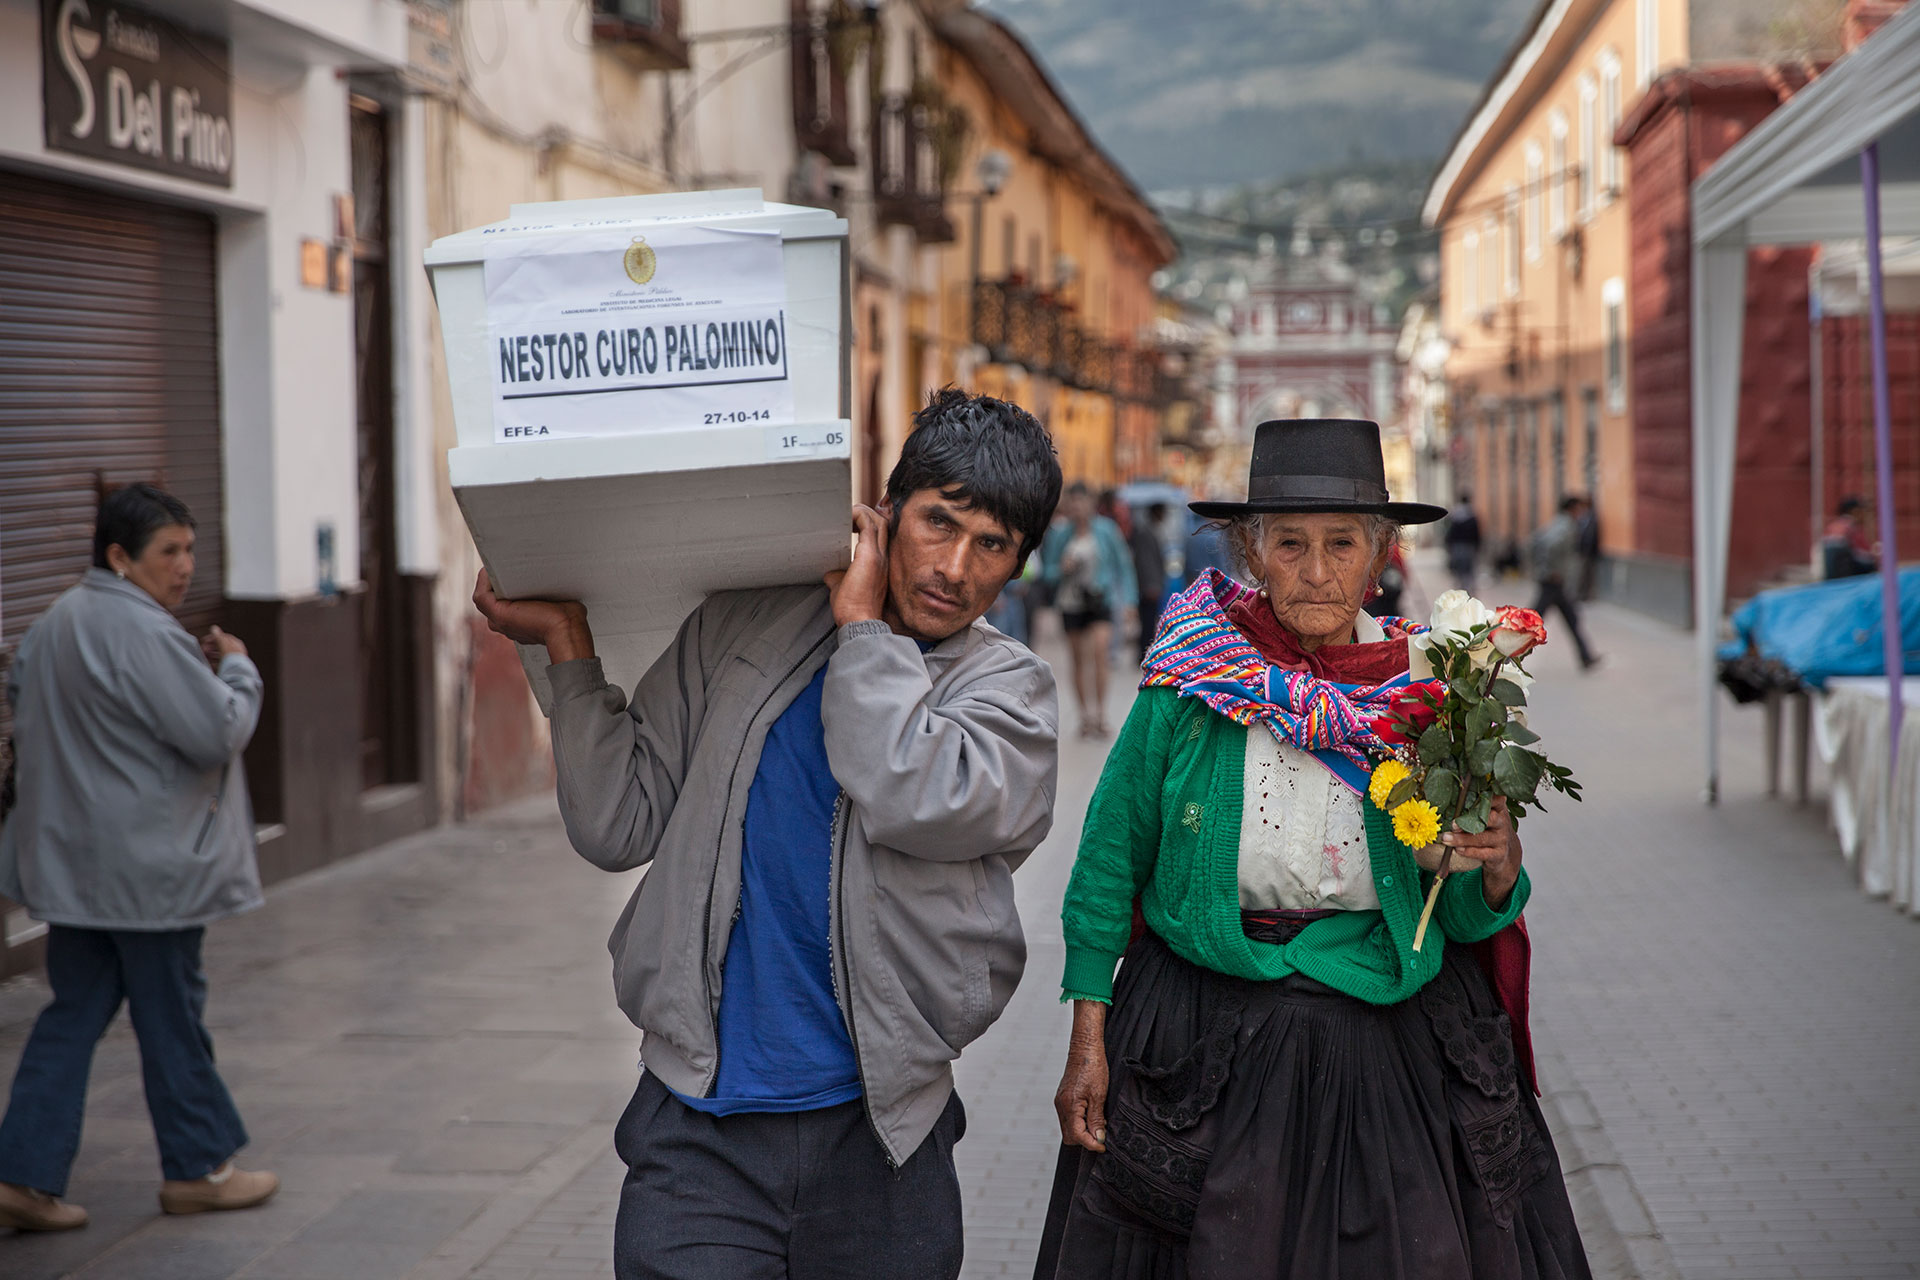 Eusebia Palomino recorre la ciudad de Huamanga escoltando el féretro que contiene los restos de su hijo, Néstor Curo Palomino, asesinado en 1990 por Sendero Luminoso cuando defendía a su pueblo de un ataque terrorista. Ella lo lleva al poblado de Huallhua, distante a 12 horas en carro.